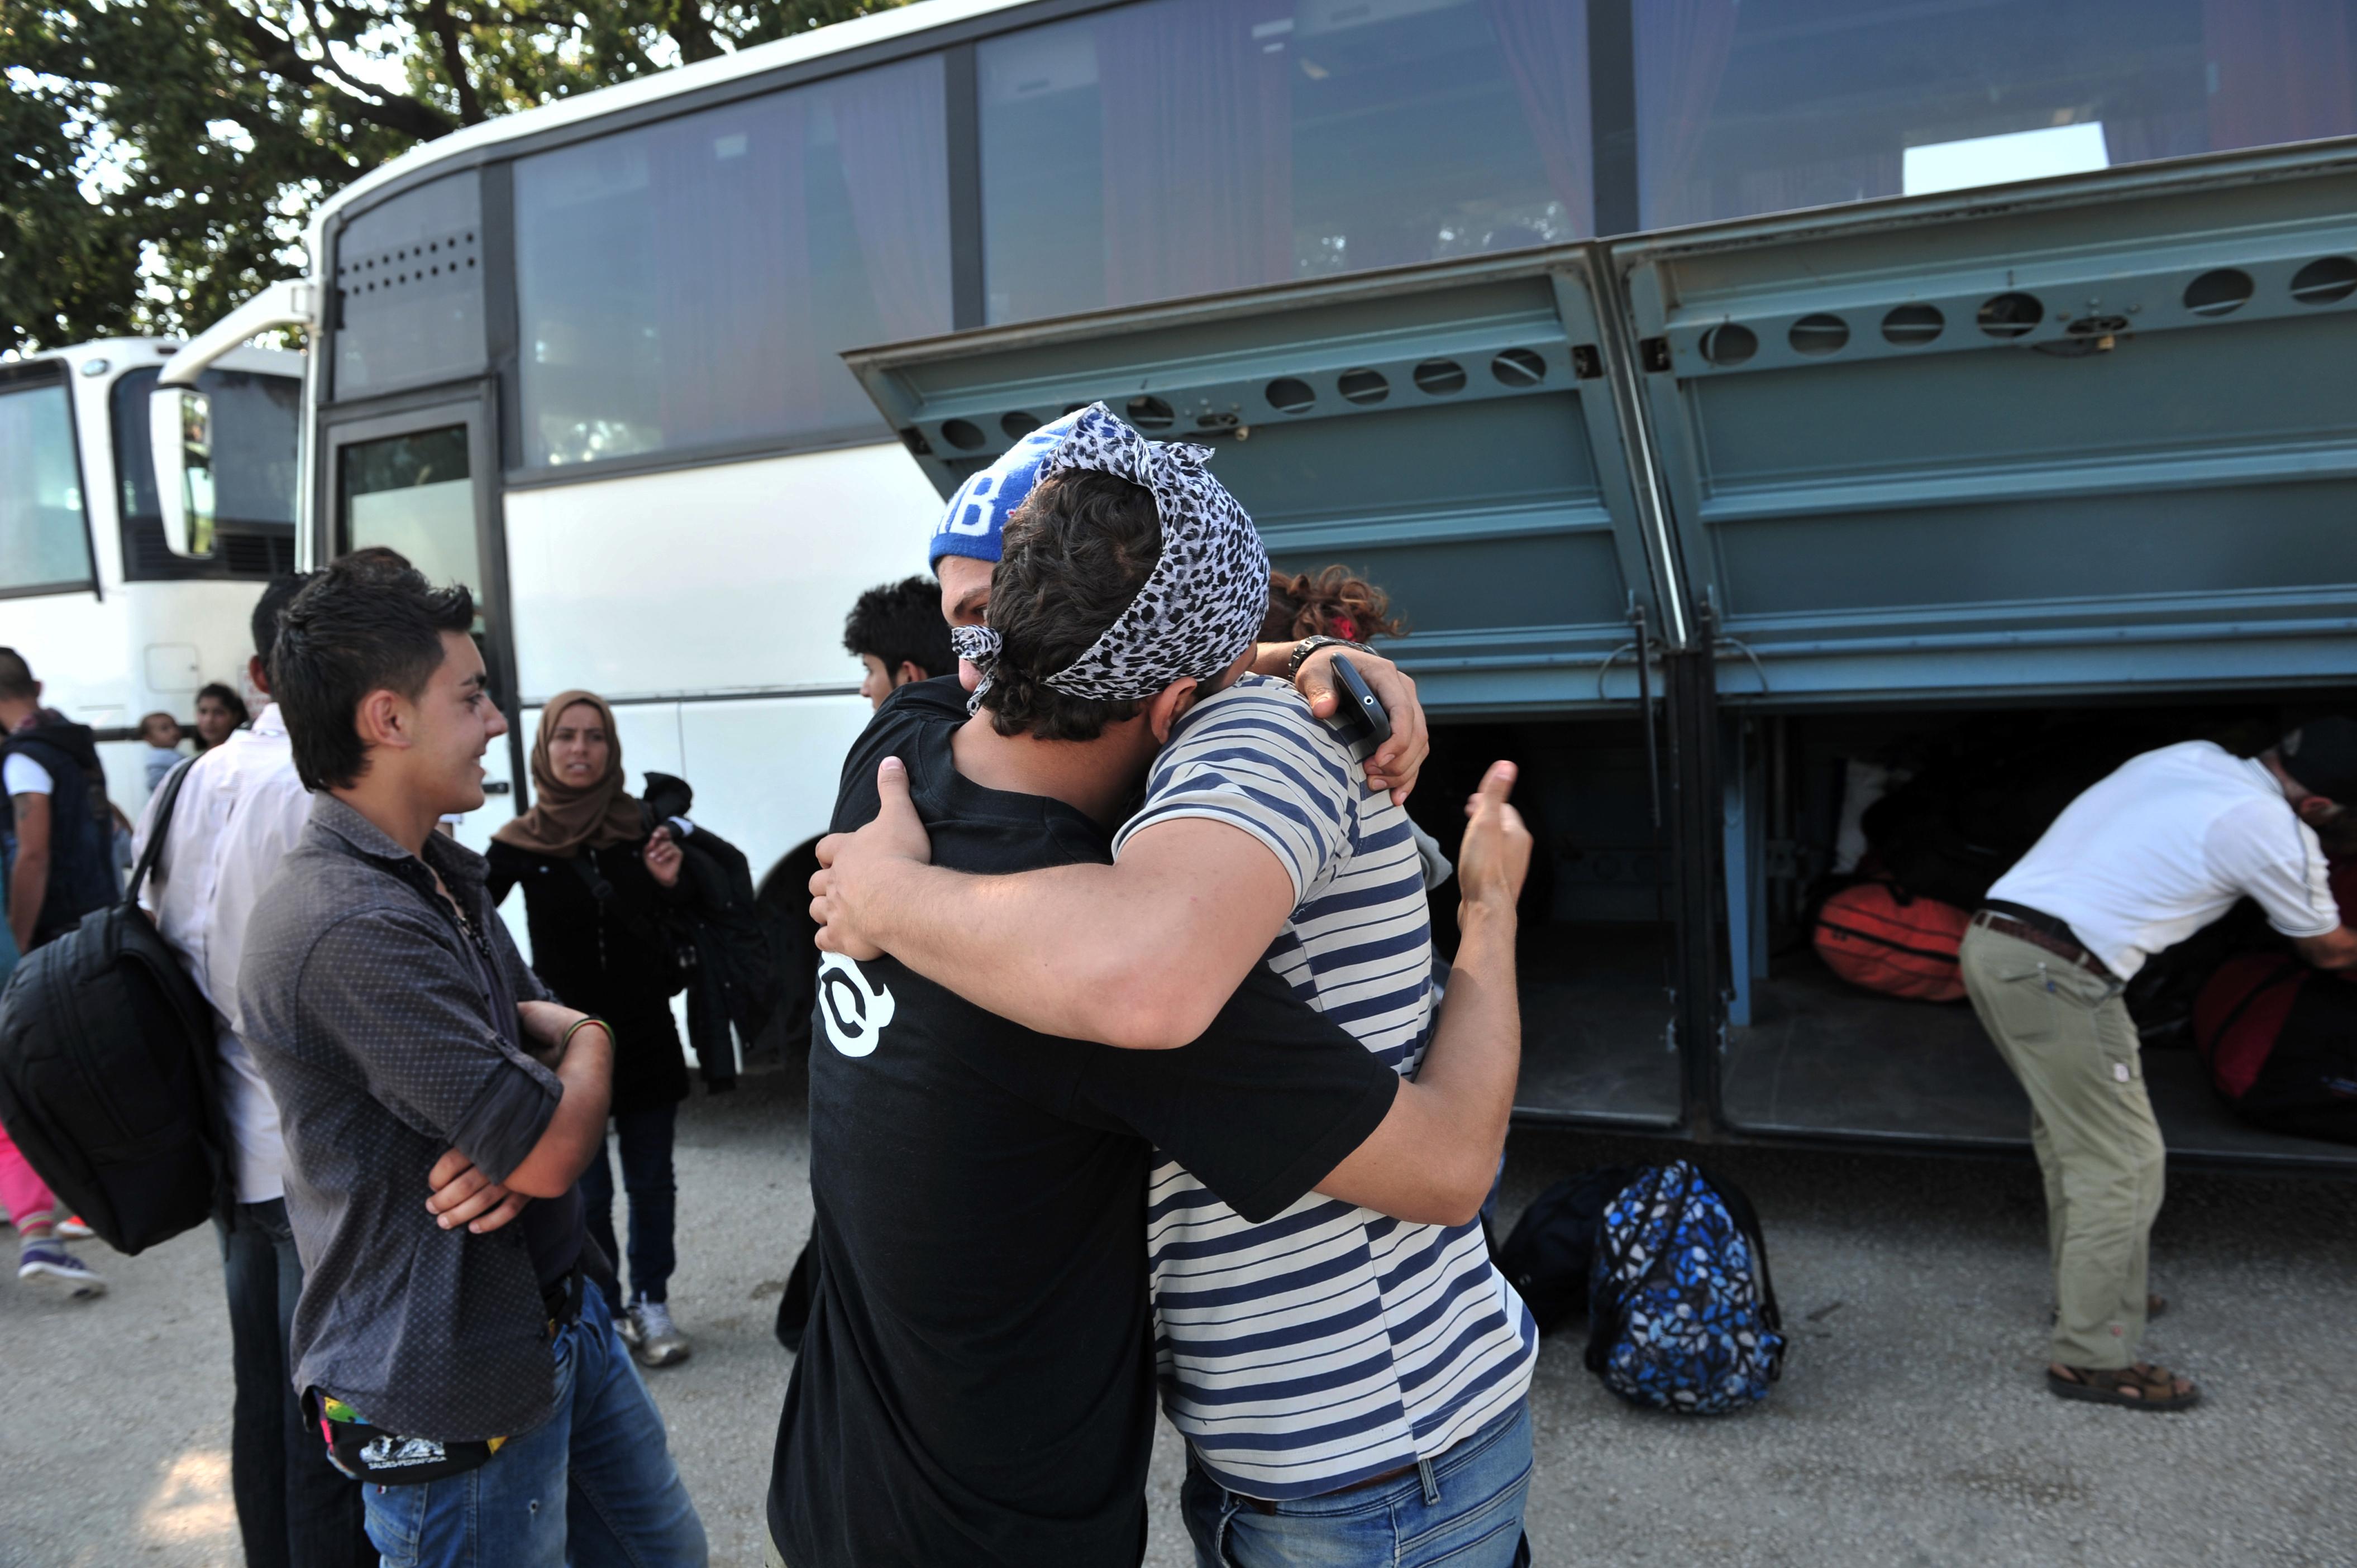 Megkezdték az idomeni menekülttábor felszámolását a görög hatóságok